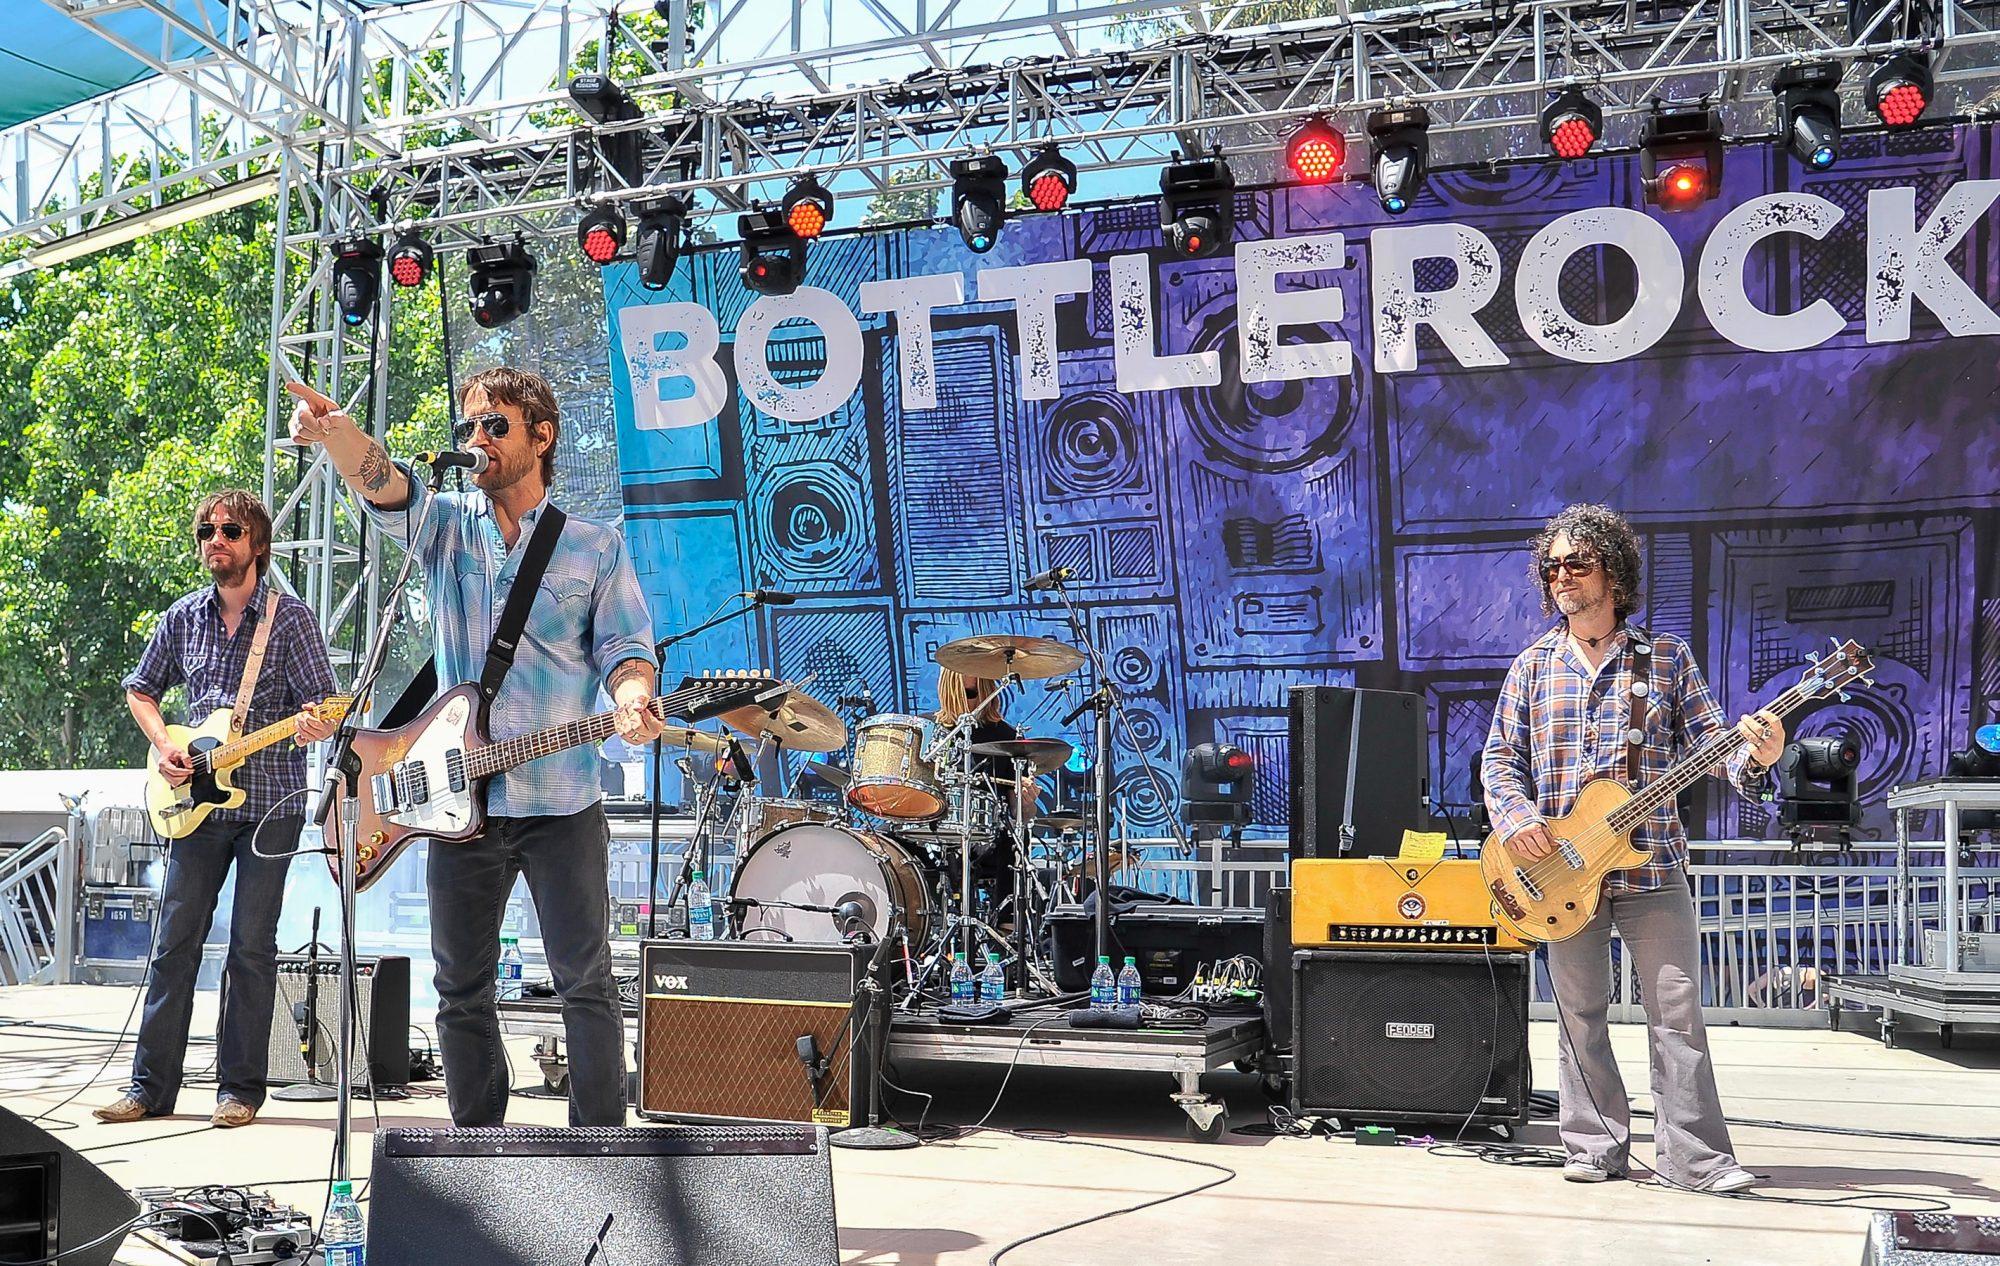 BottleRock Napa Valley 2017 - Day 2